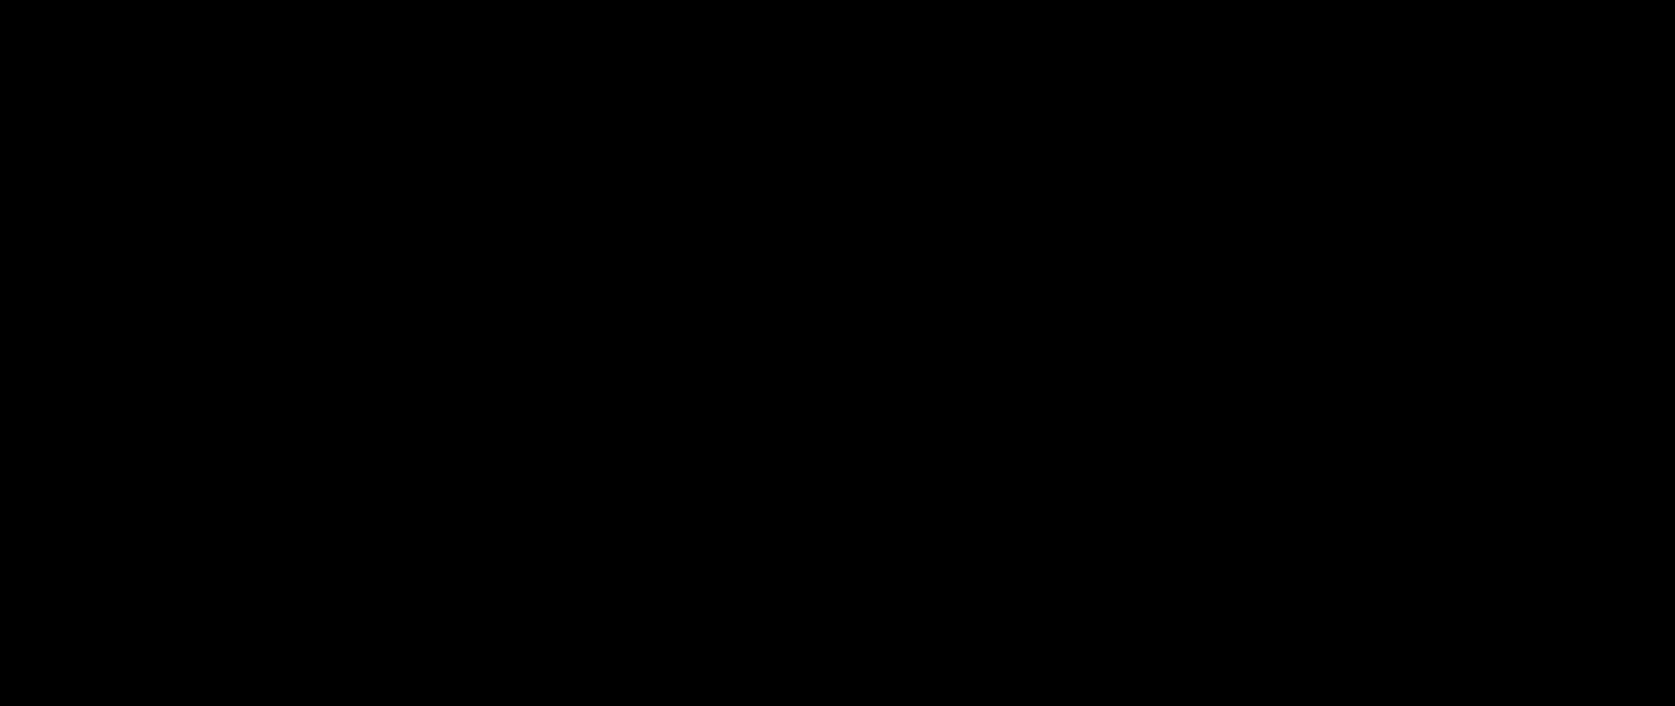 calligraphic-swirls-flourishes-11.png